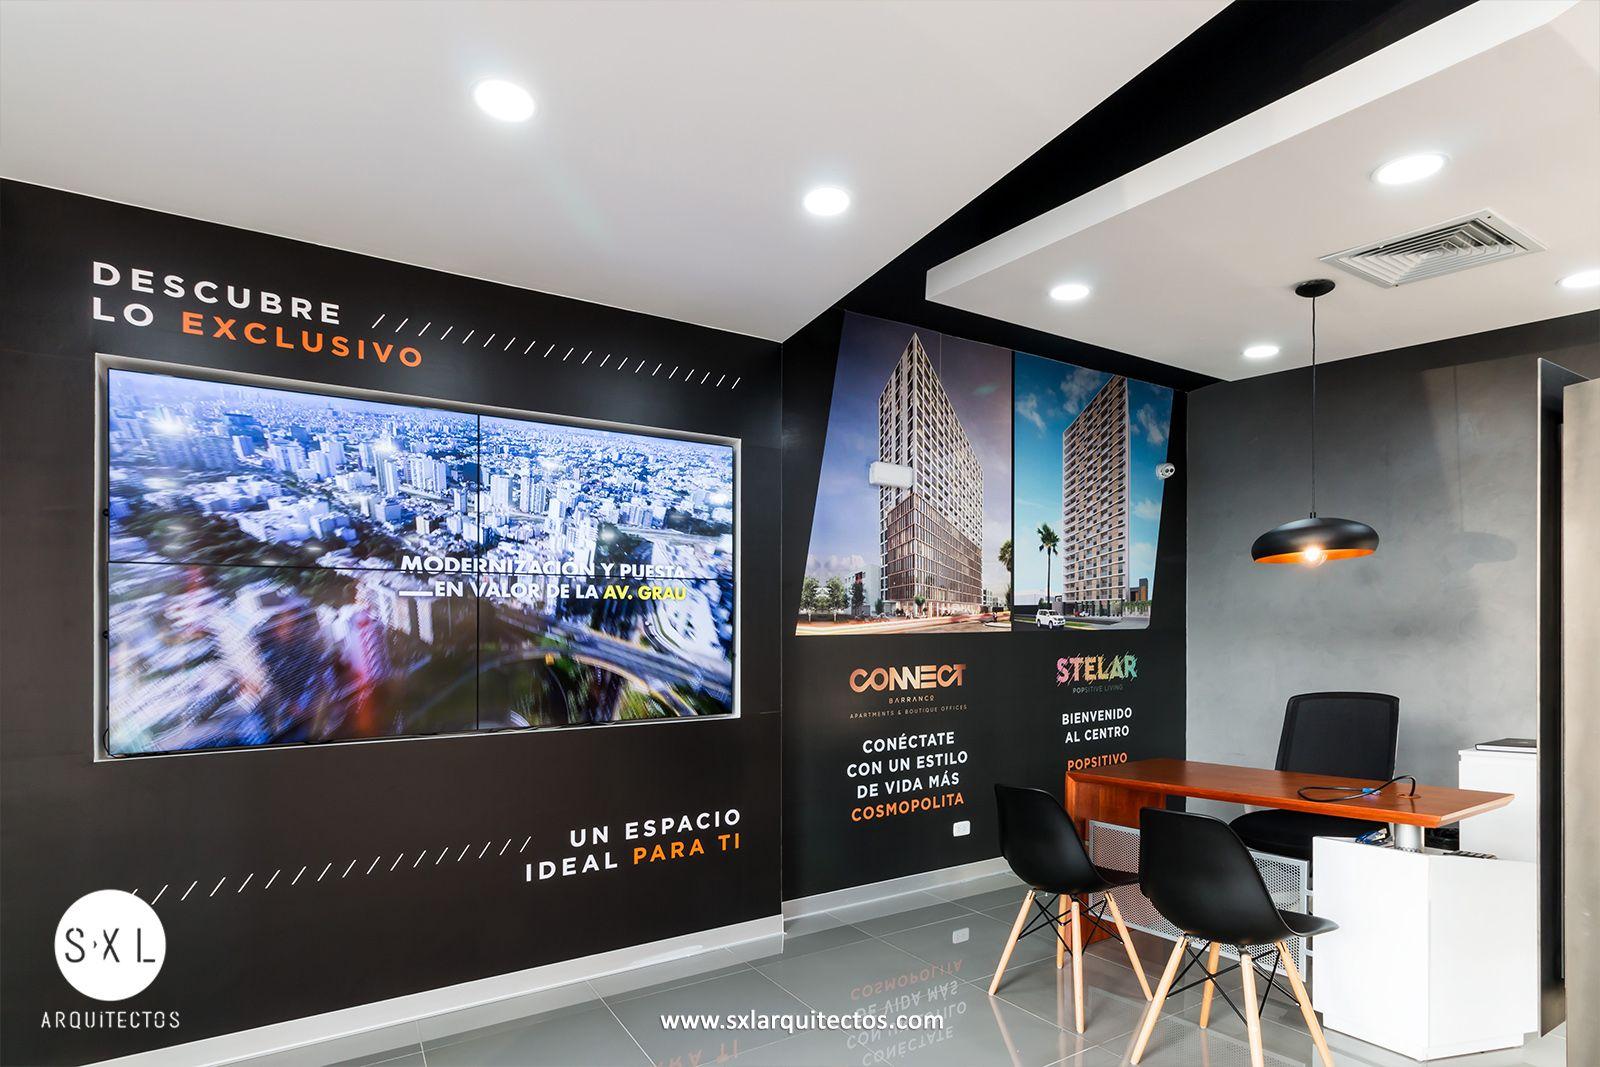 Dise o interior de sala de ventas para promoci n for Diseno de interiores lima